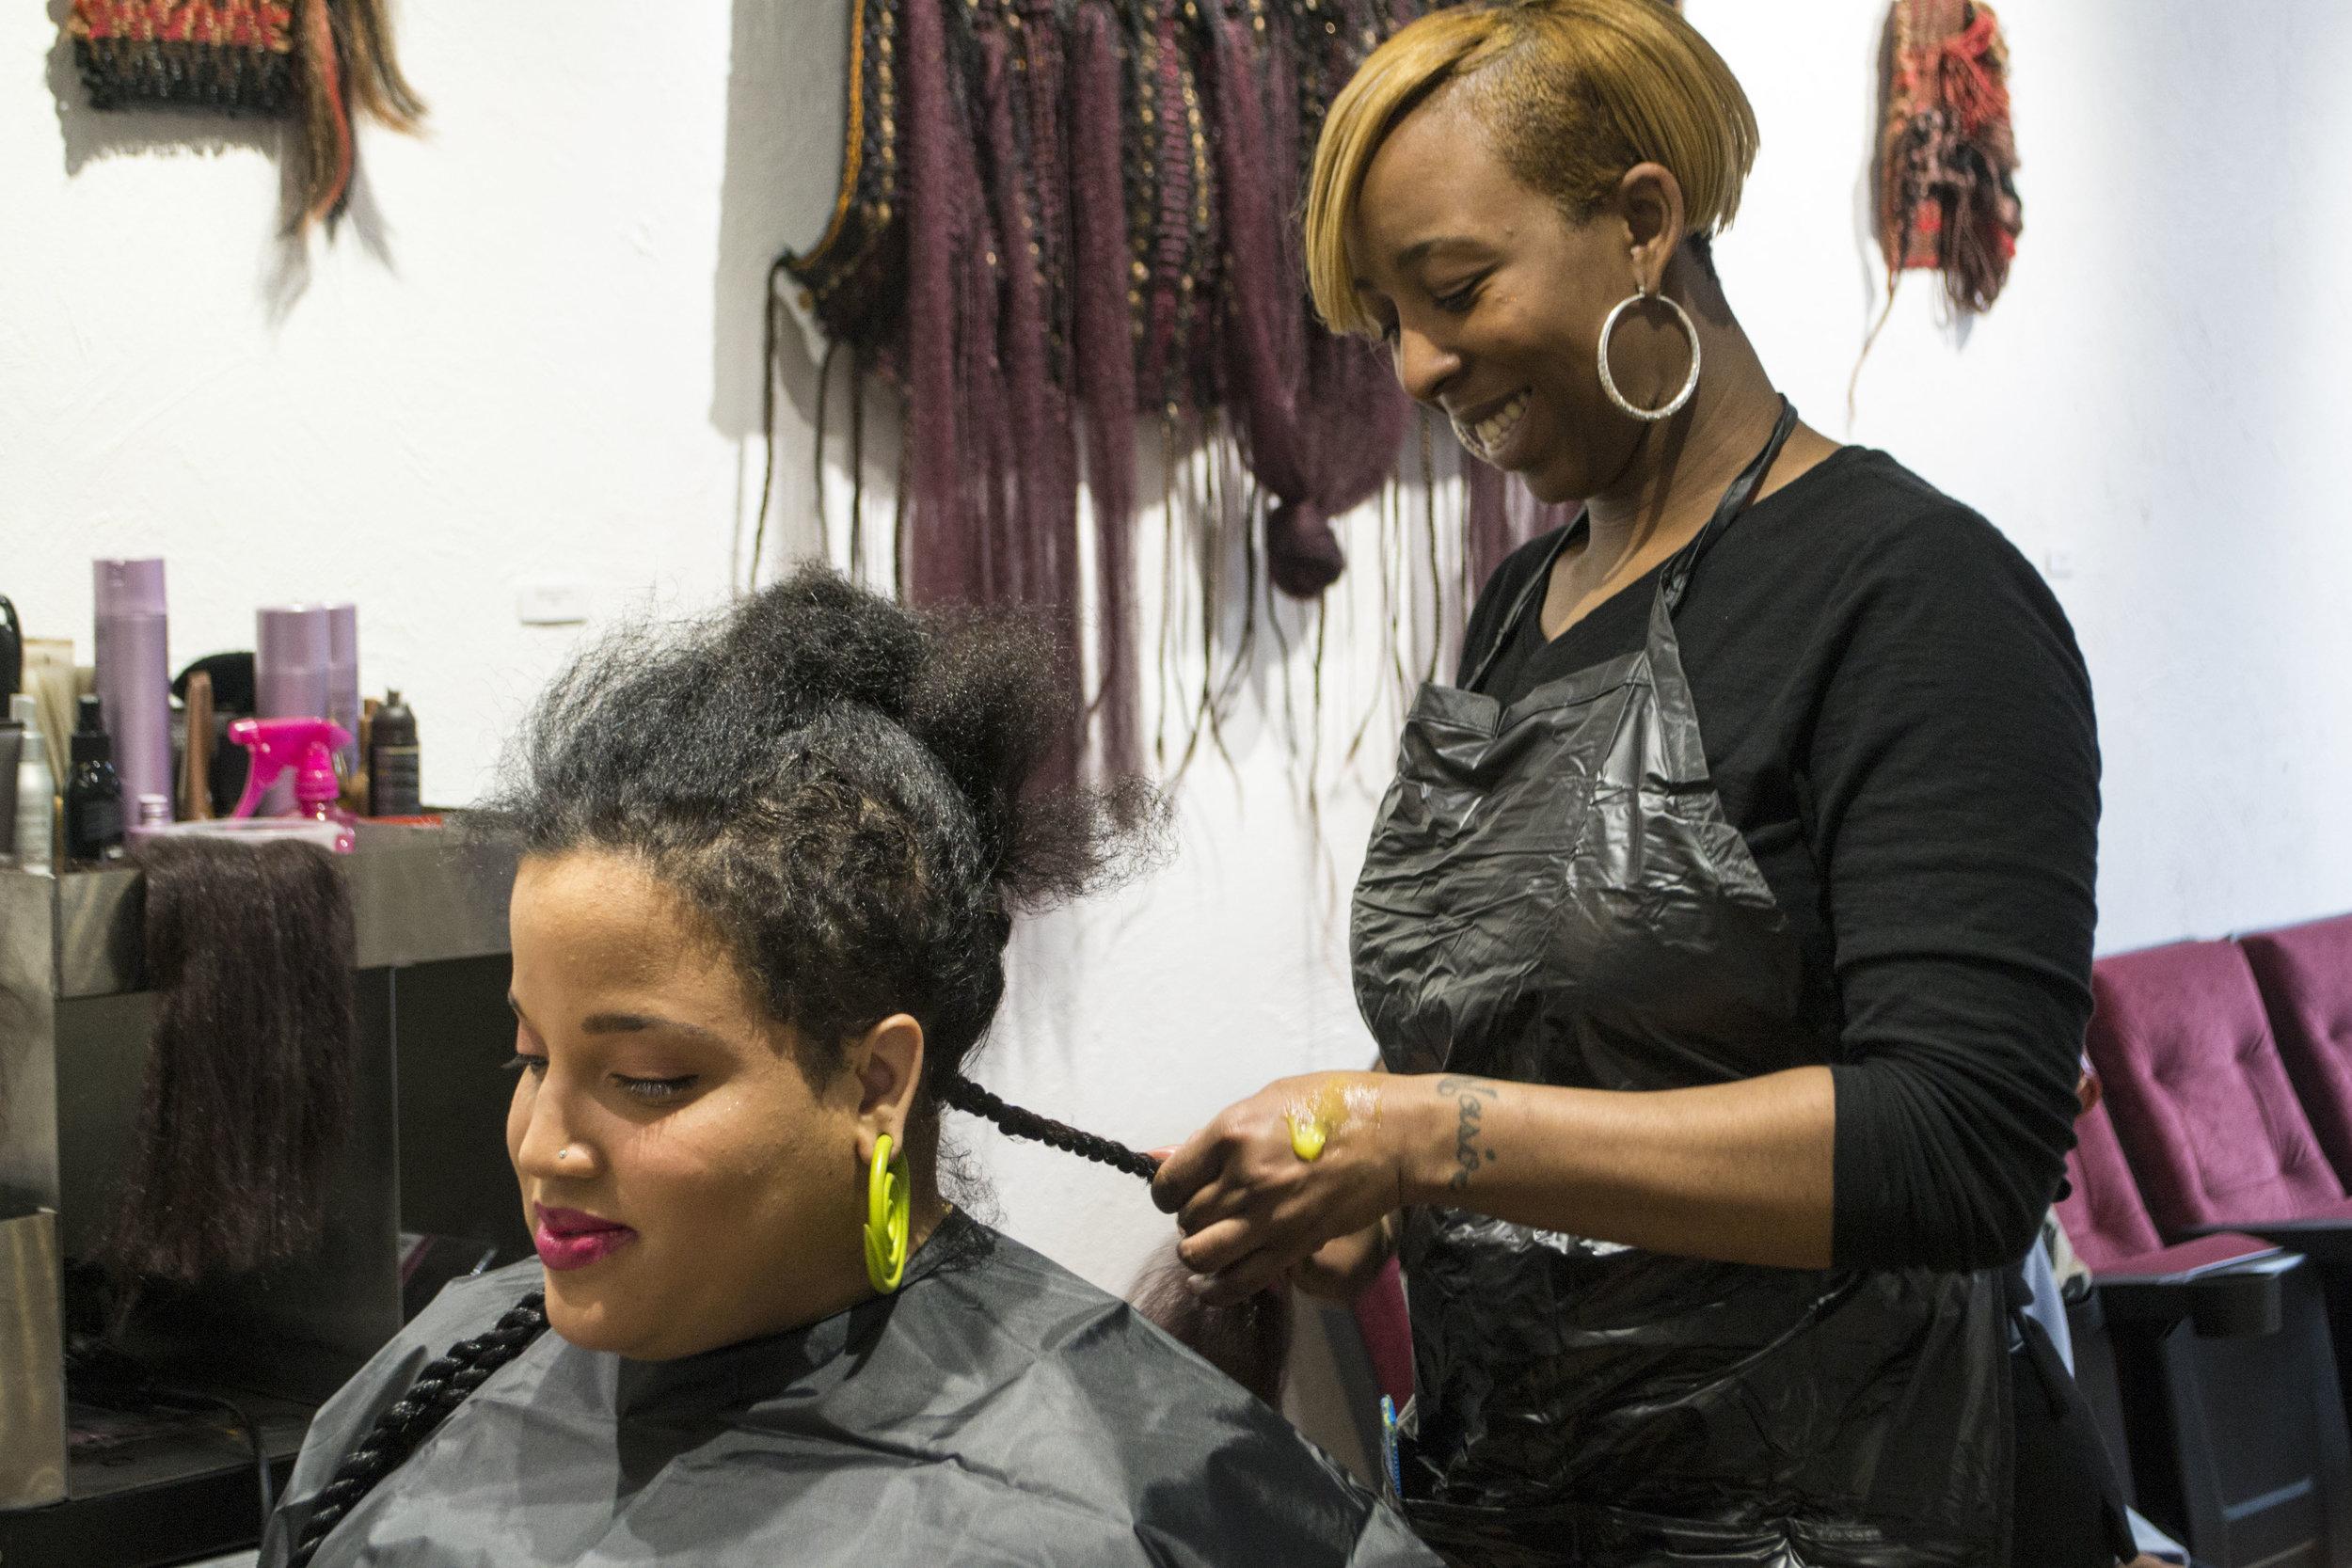 Hairstylist: Andrea Alexander, Client: Hayveyah McGowan, Photographer: Silvia Abisaab